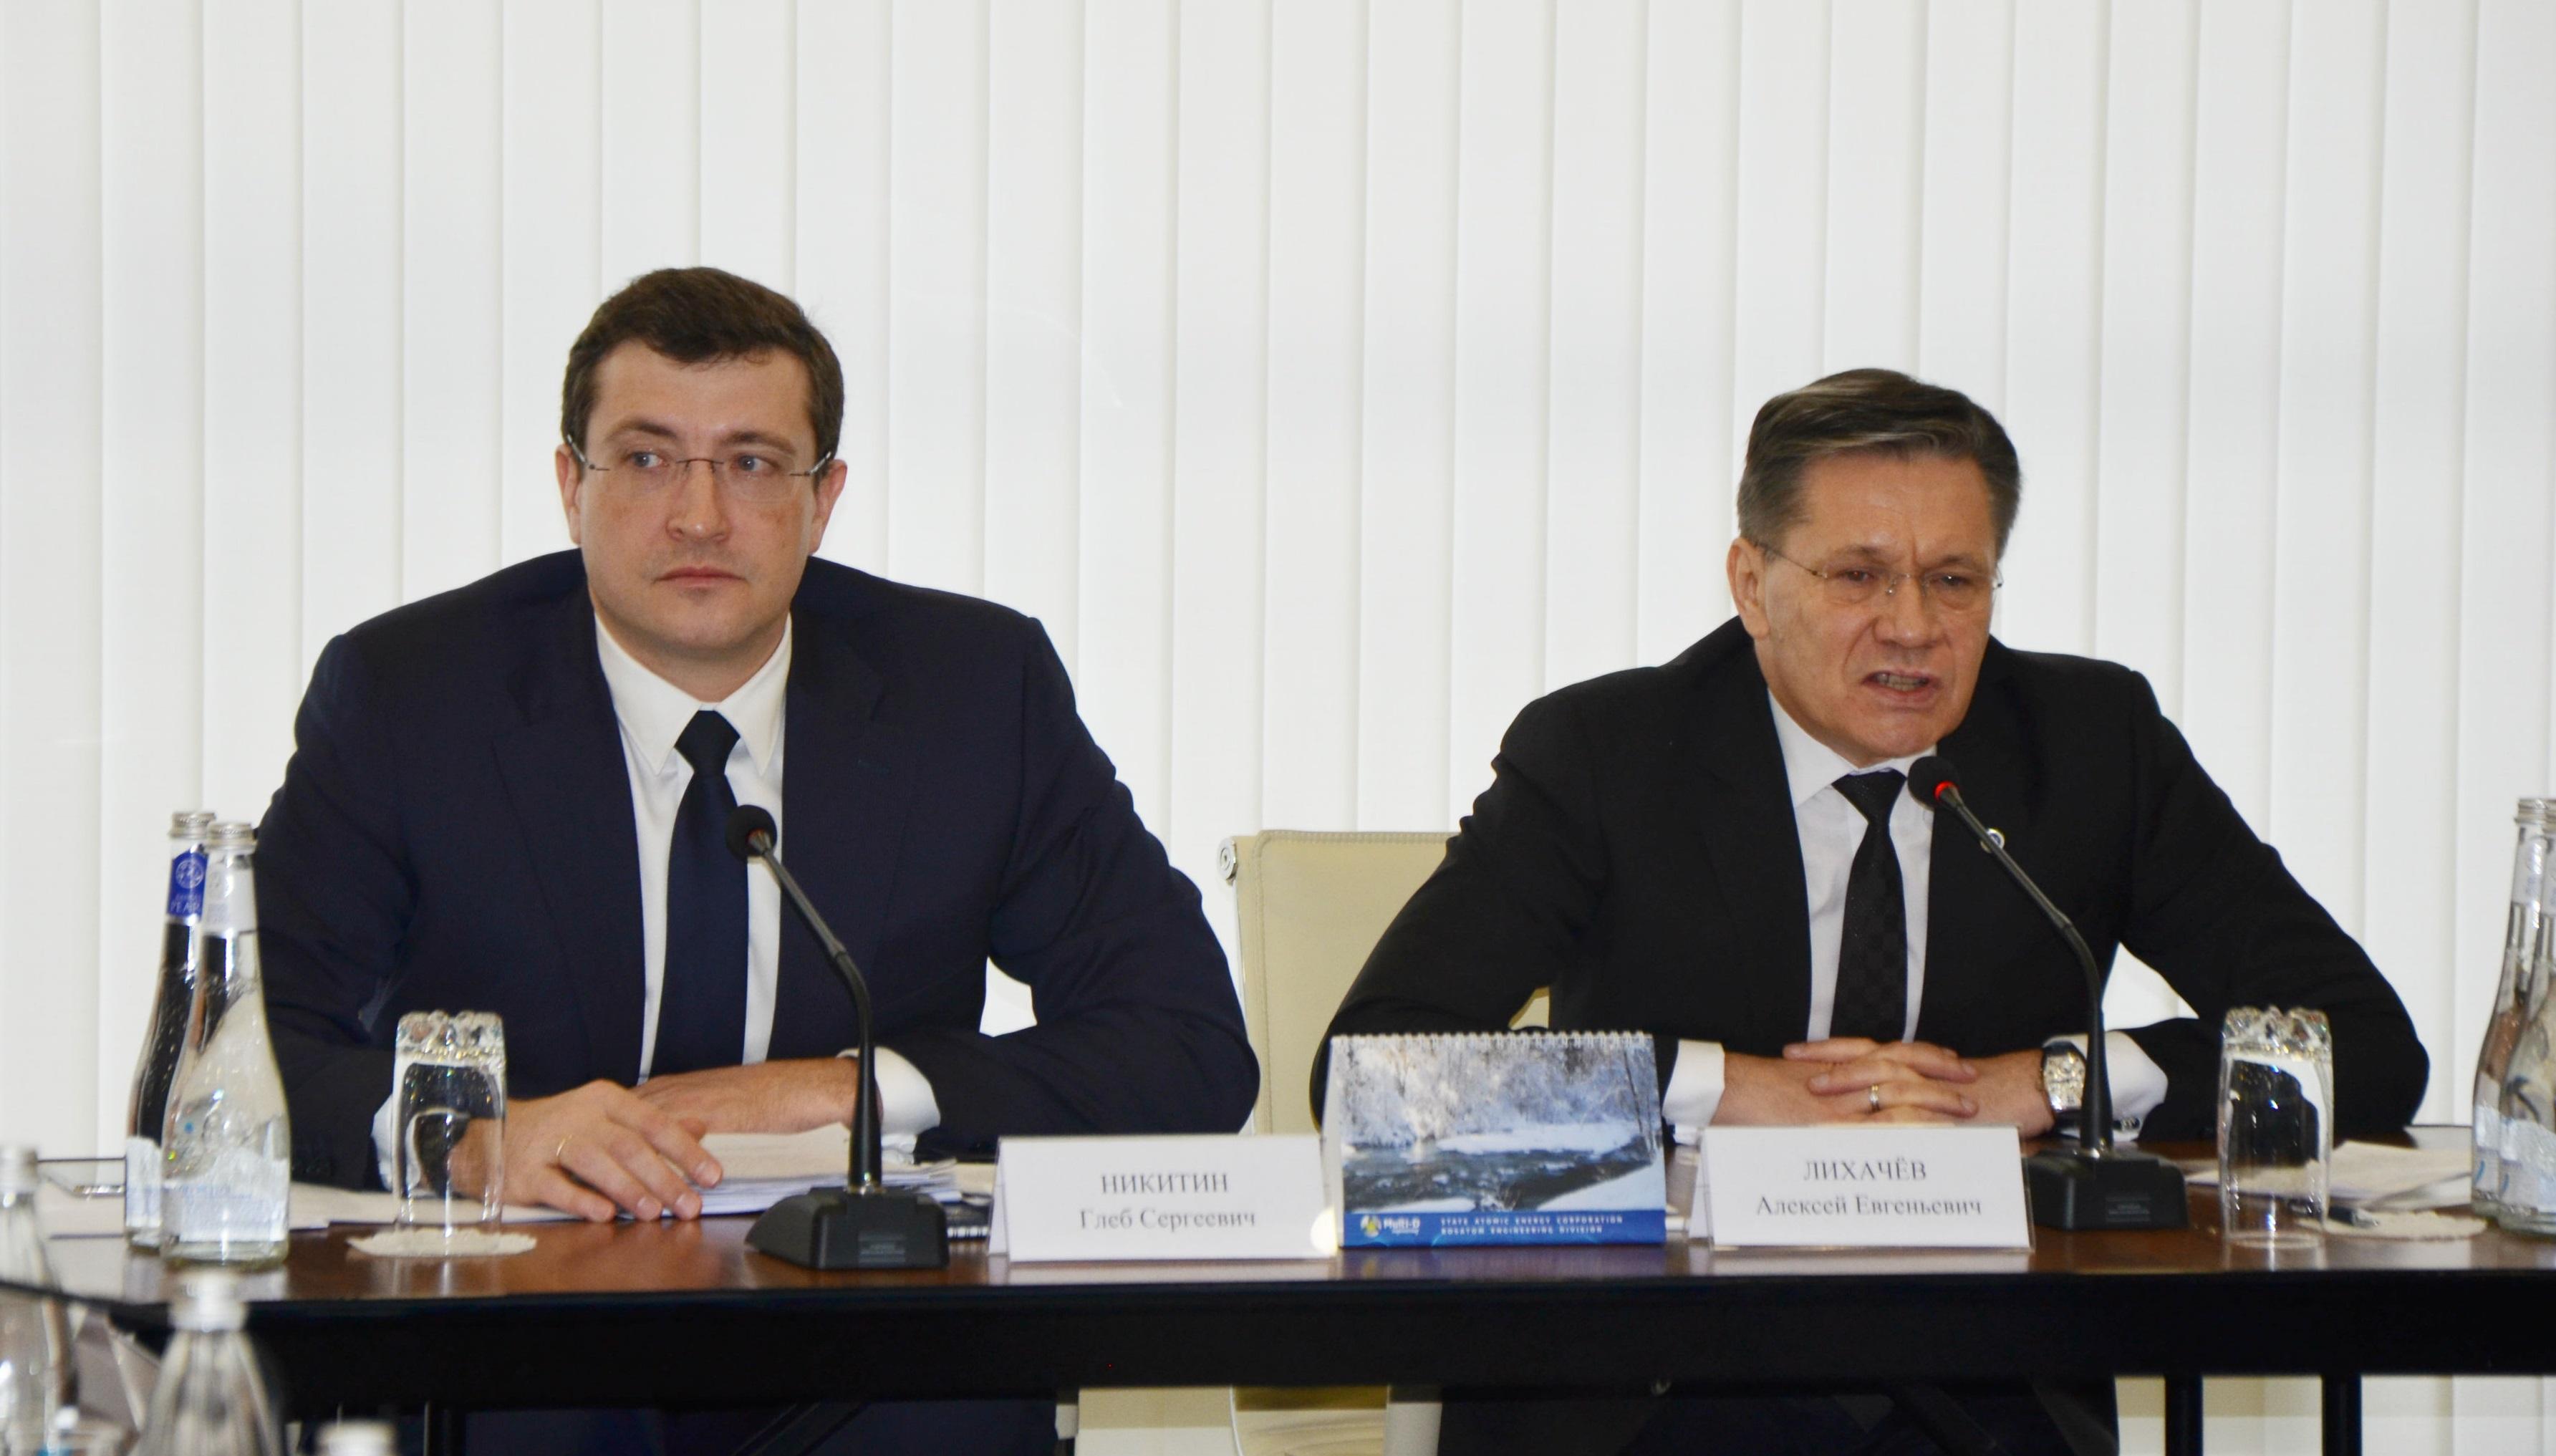 Нижегородский опыт внедрения бережливых технологий будут перенимать в других регионах России